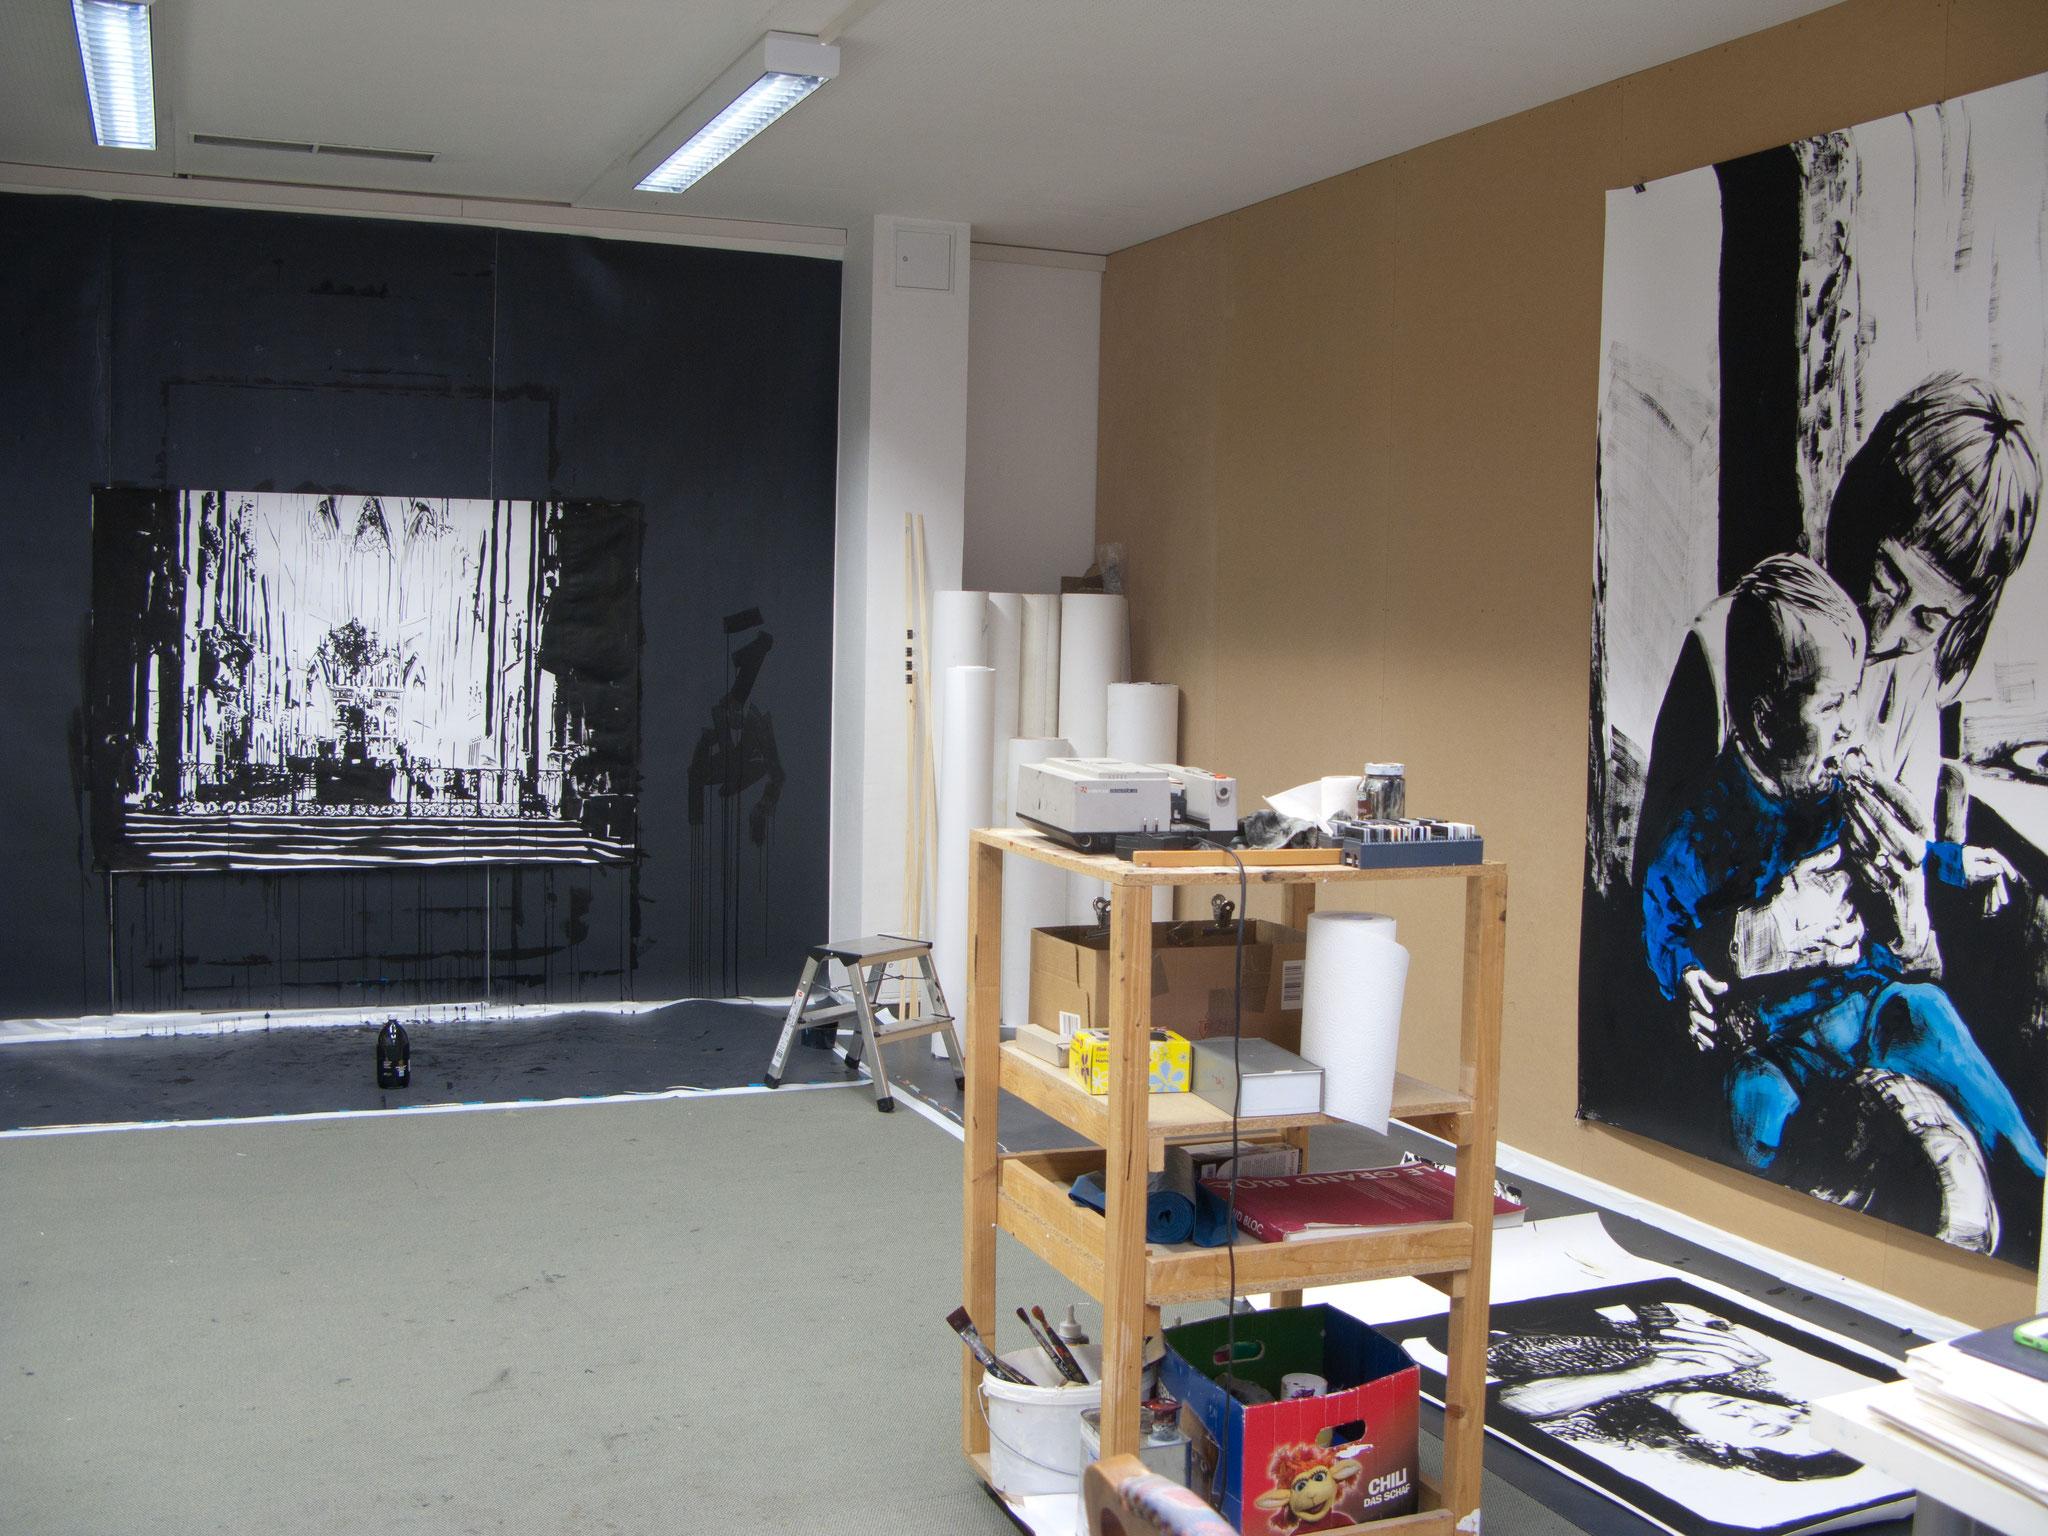 Atelieransicht 2014, Nieder-Olm